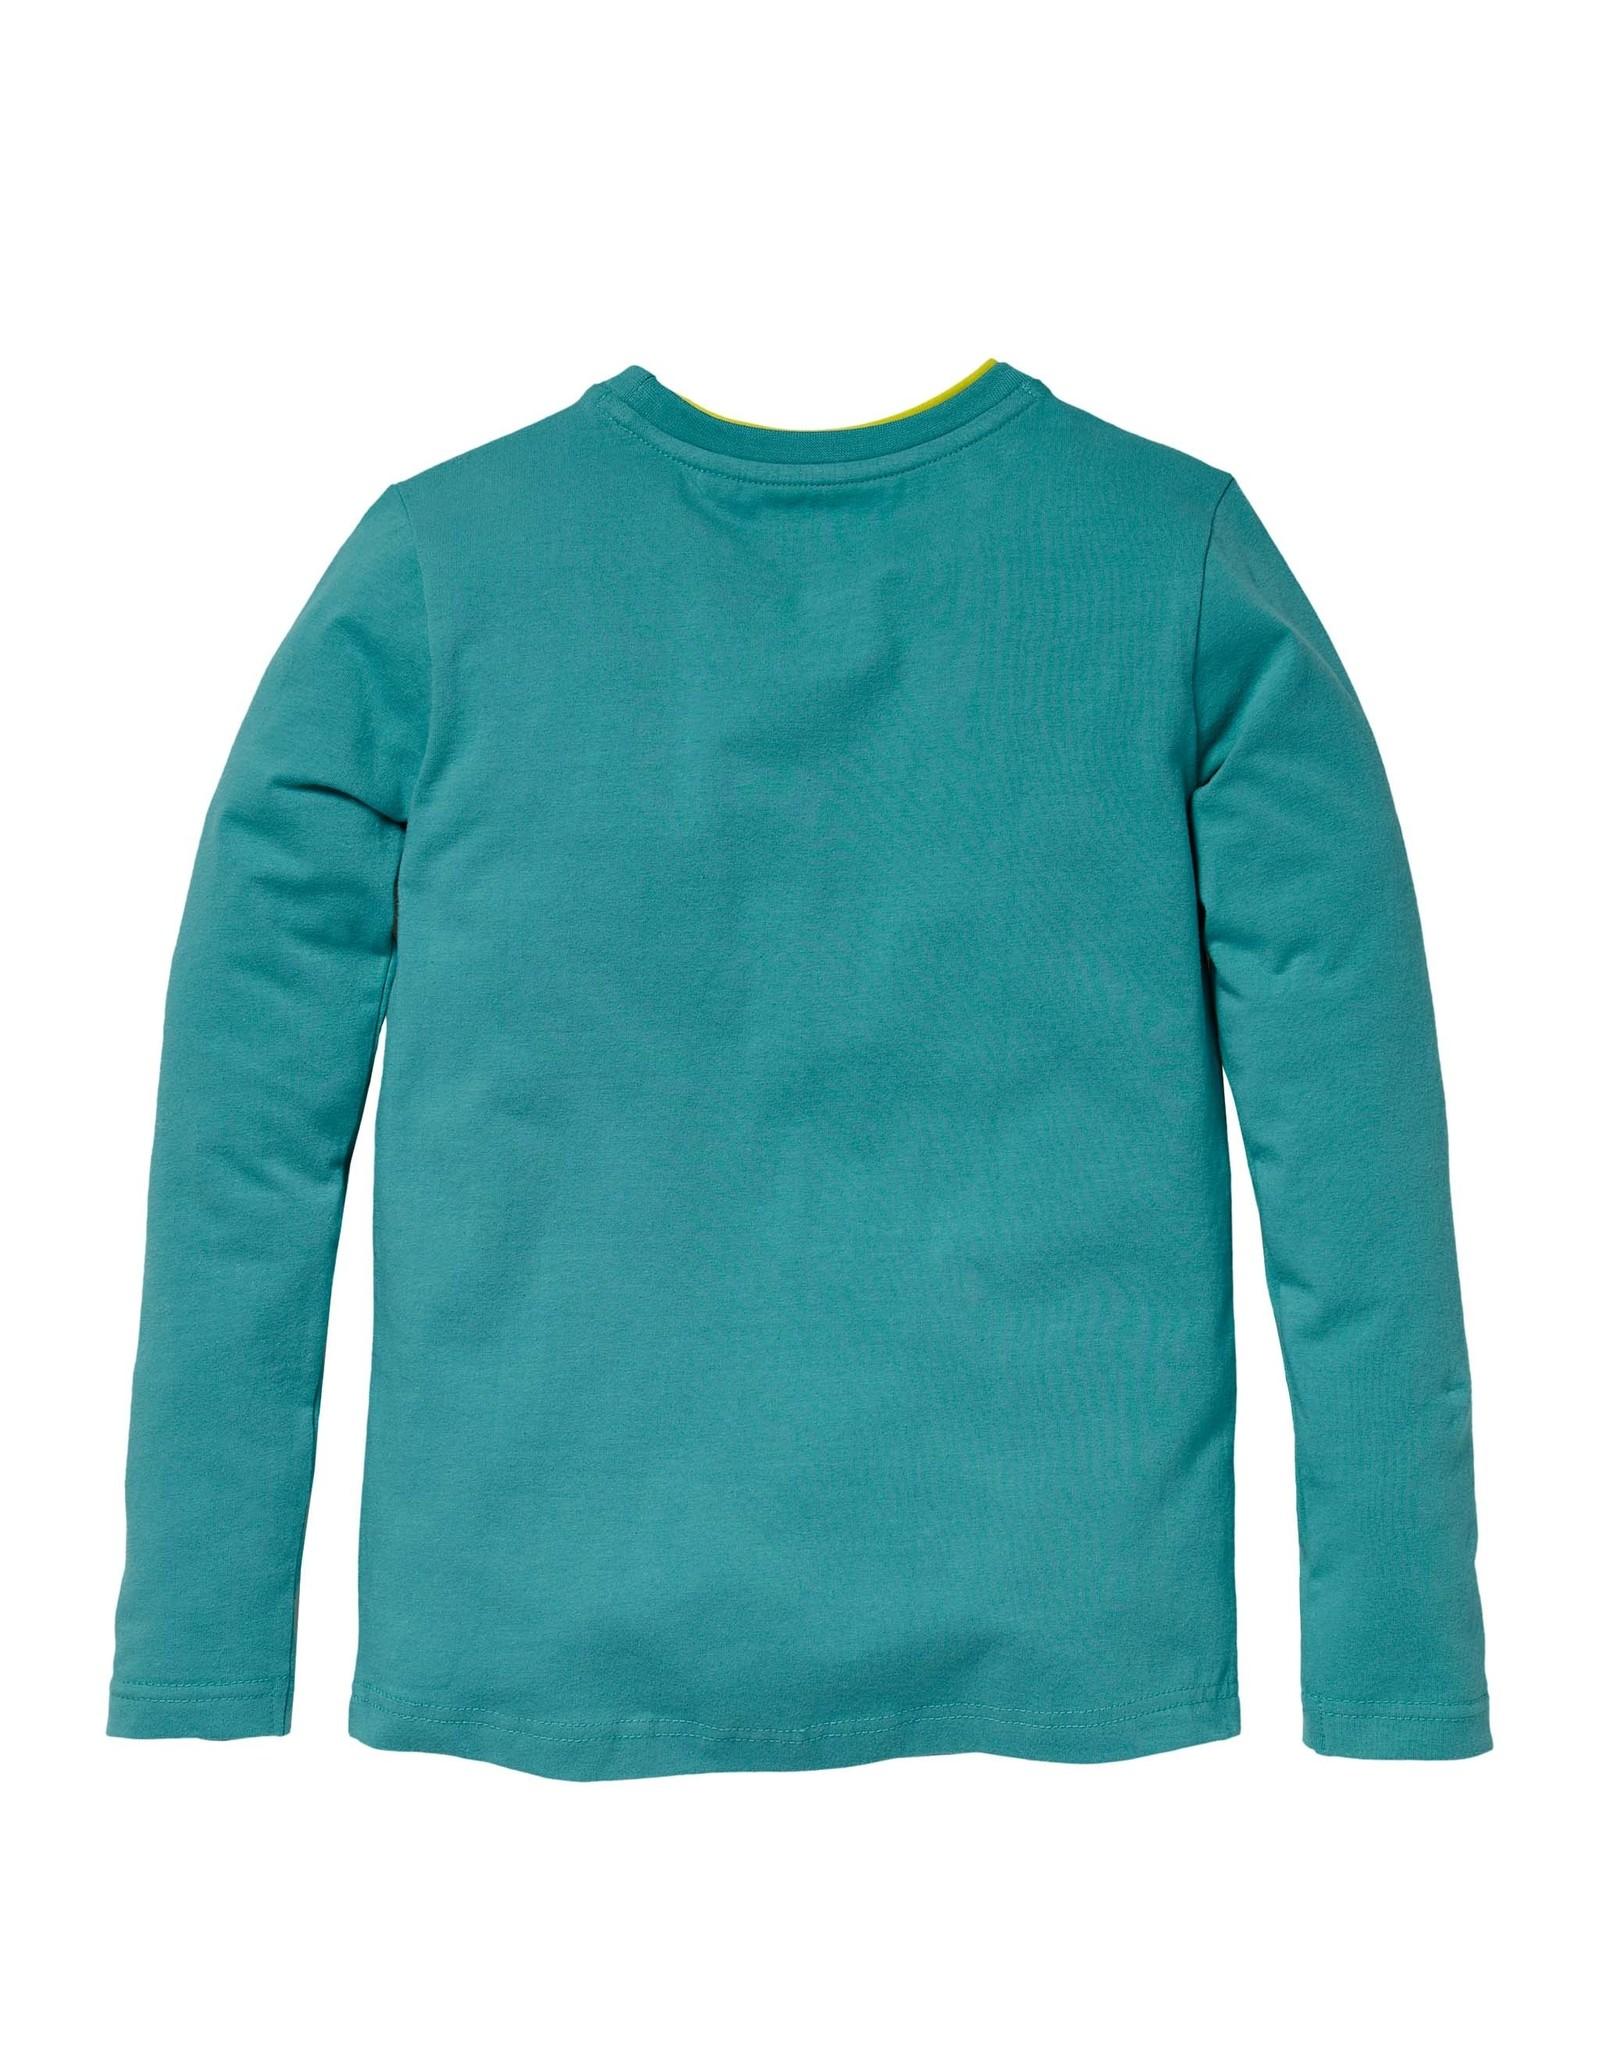 Quapi Quapi longsleeve KADIR turquoise